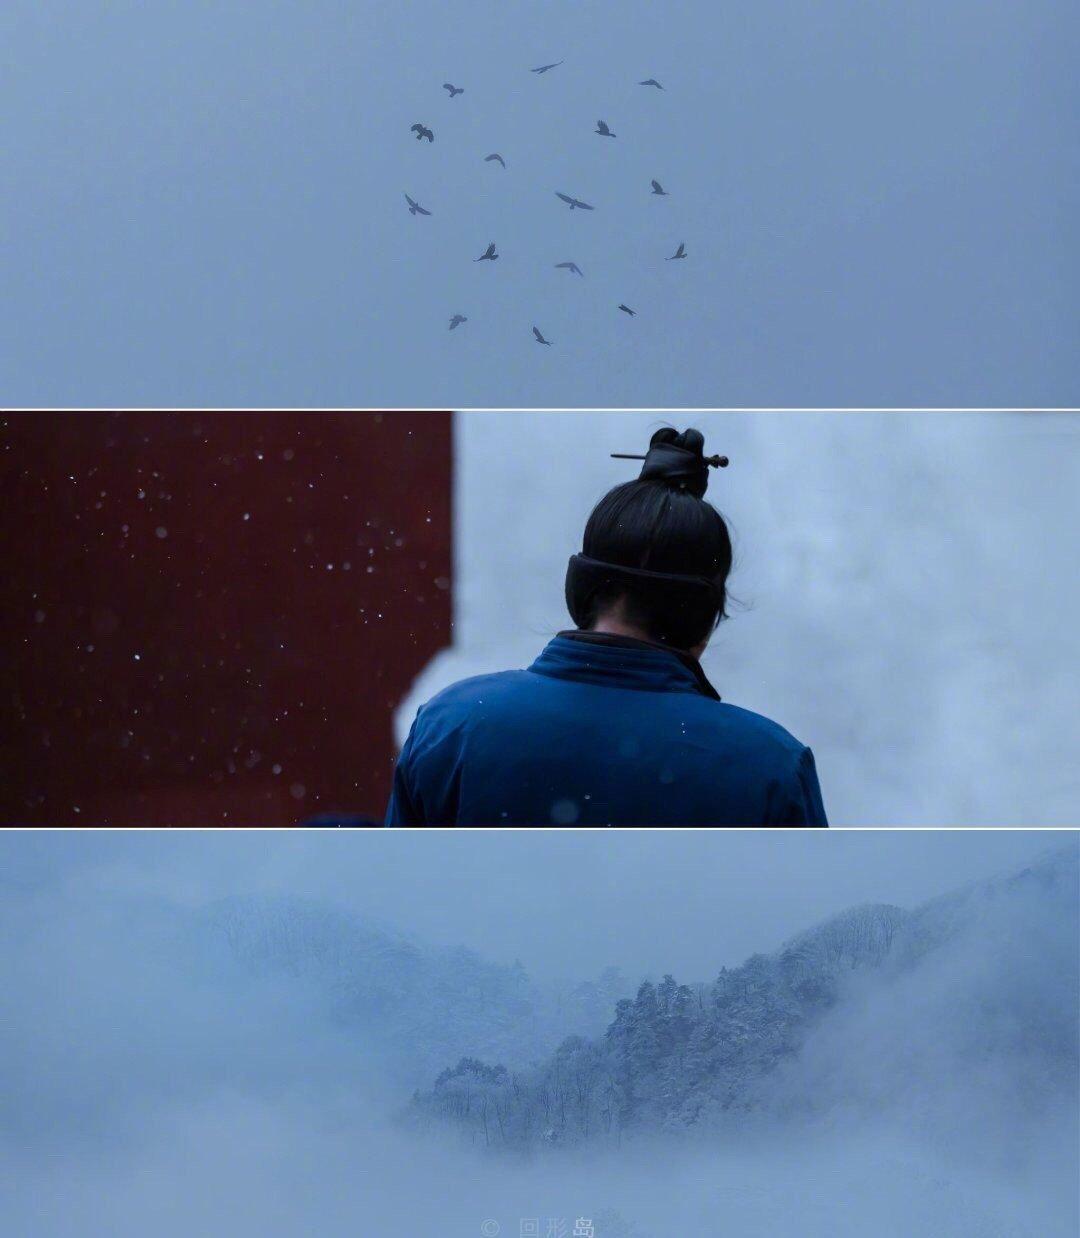 雾绕云缠峰翠秀, 游人自在画中行。大雪后的武当山